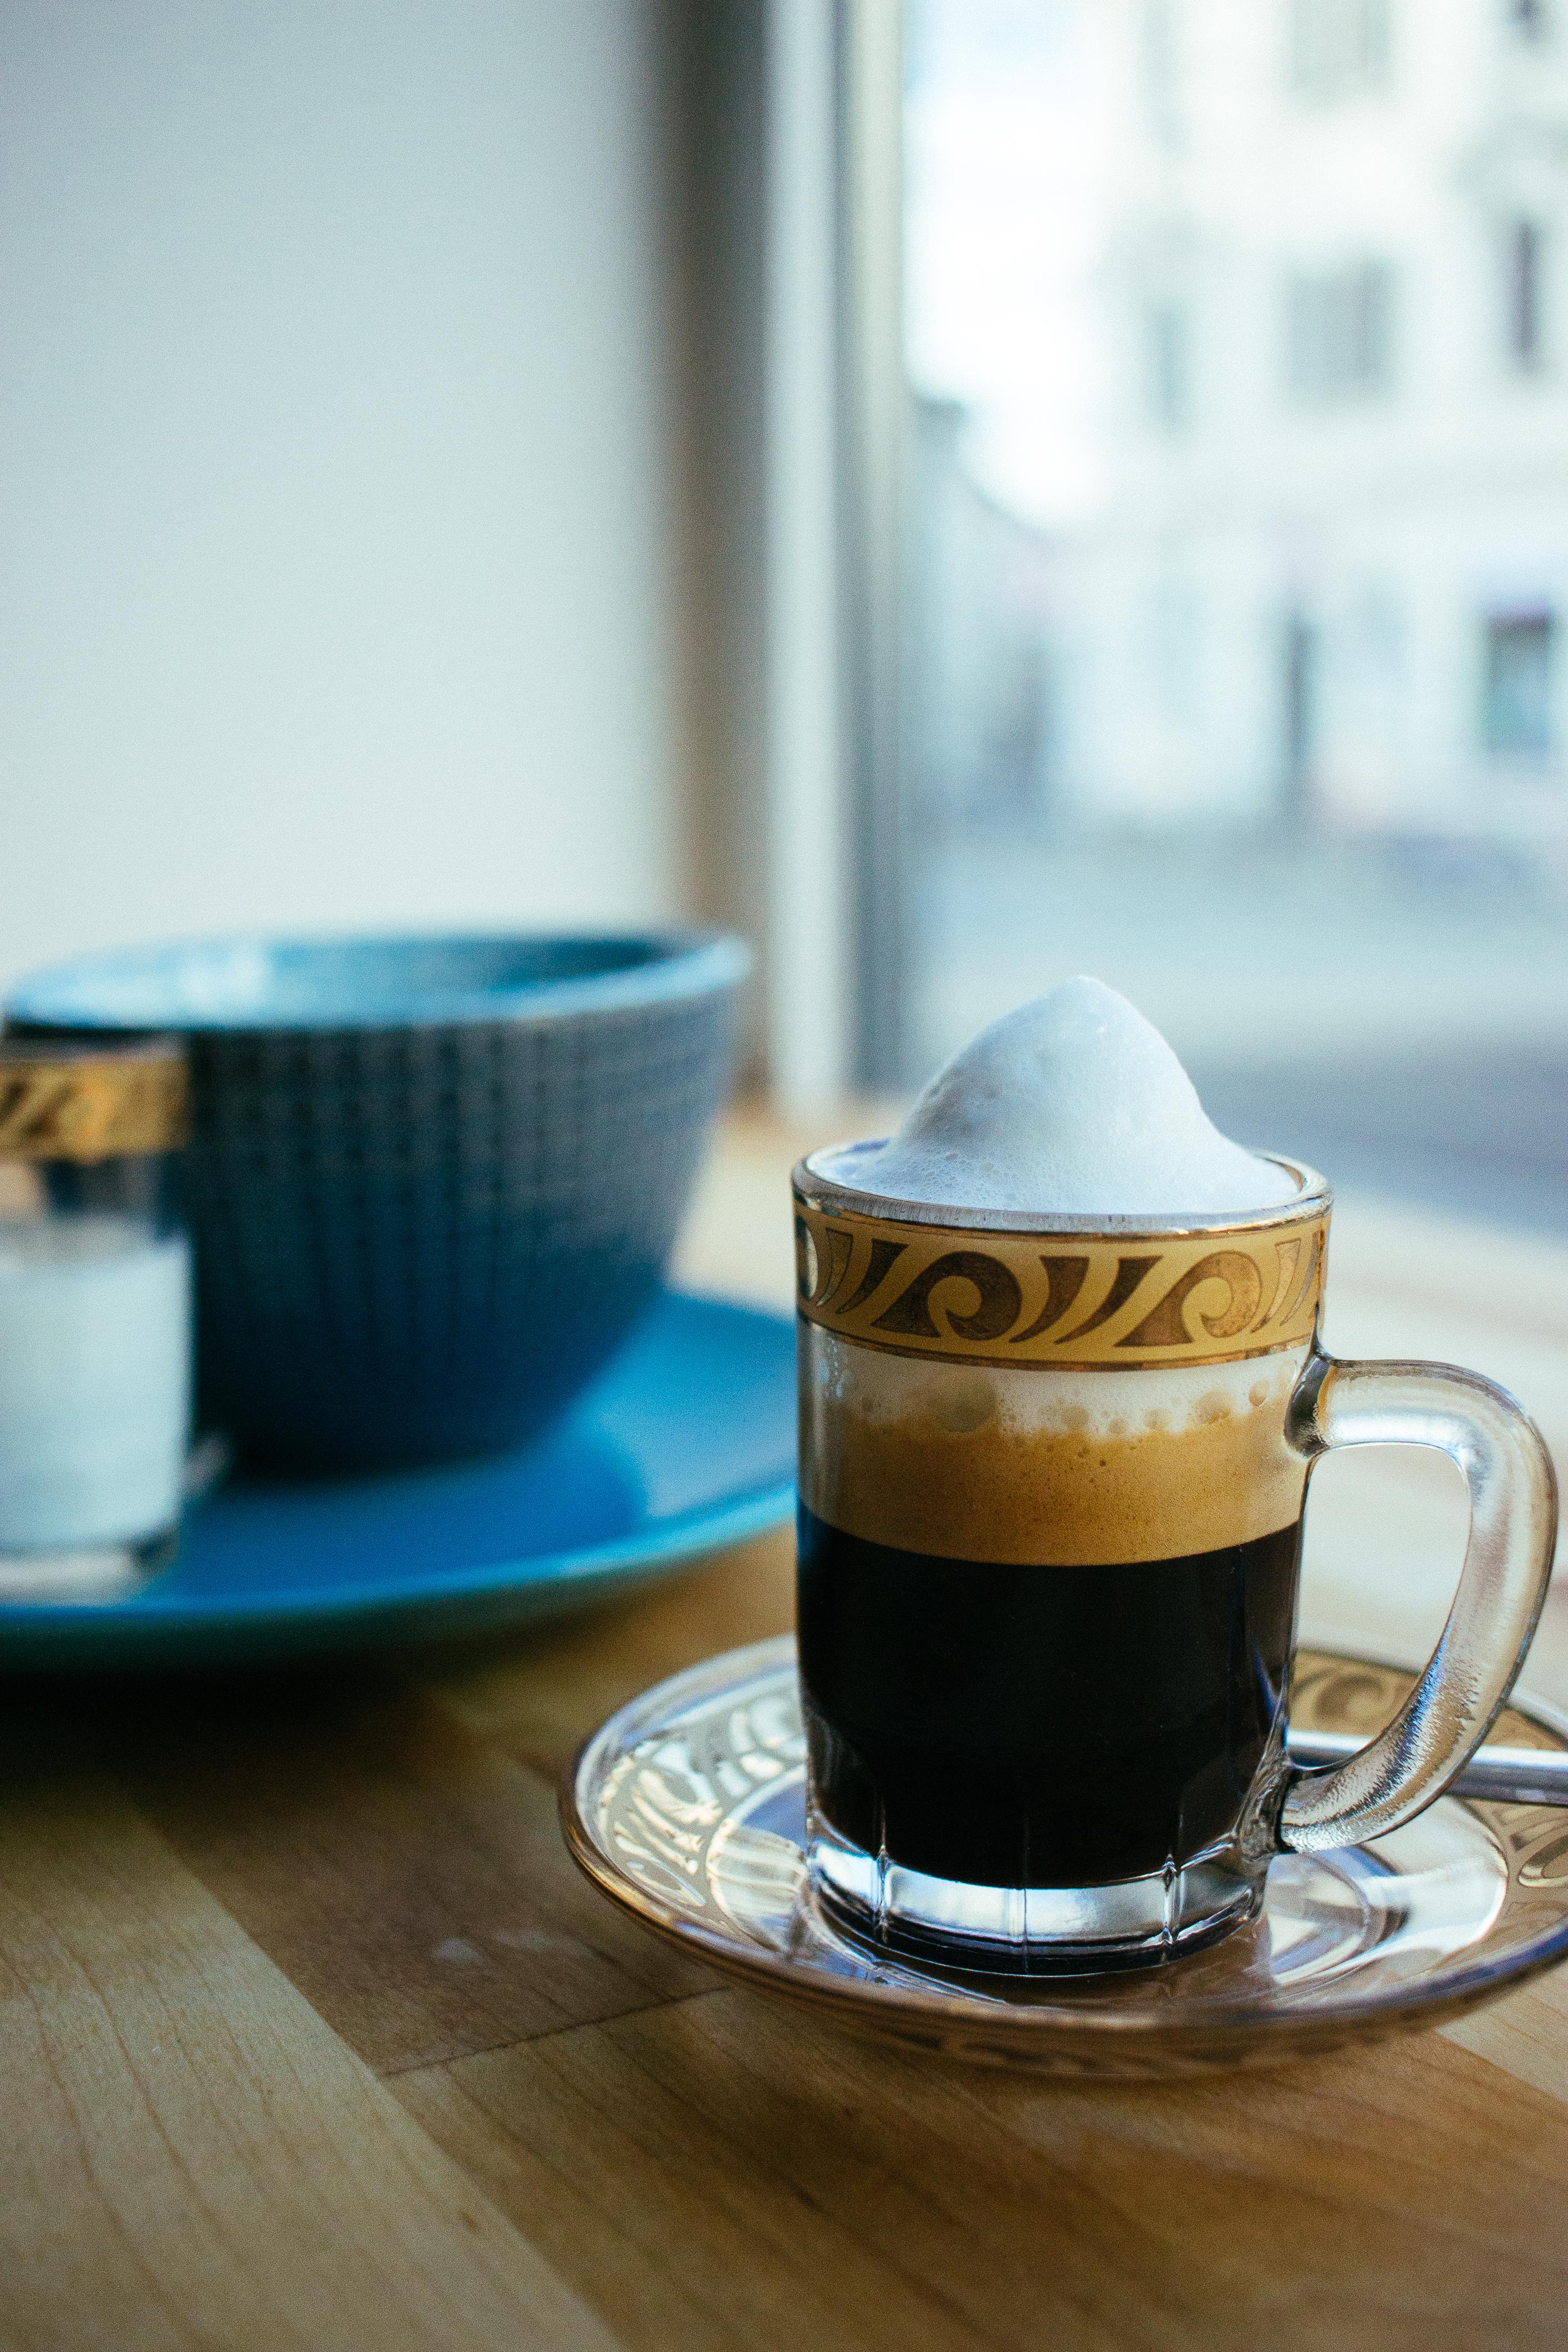 kokopelli_traveler café_leipzig_lindenau_annabelle sagt21